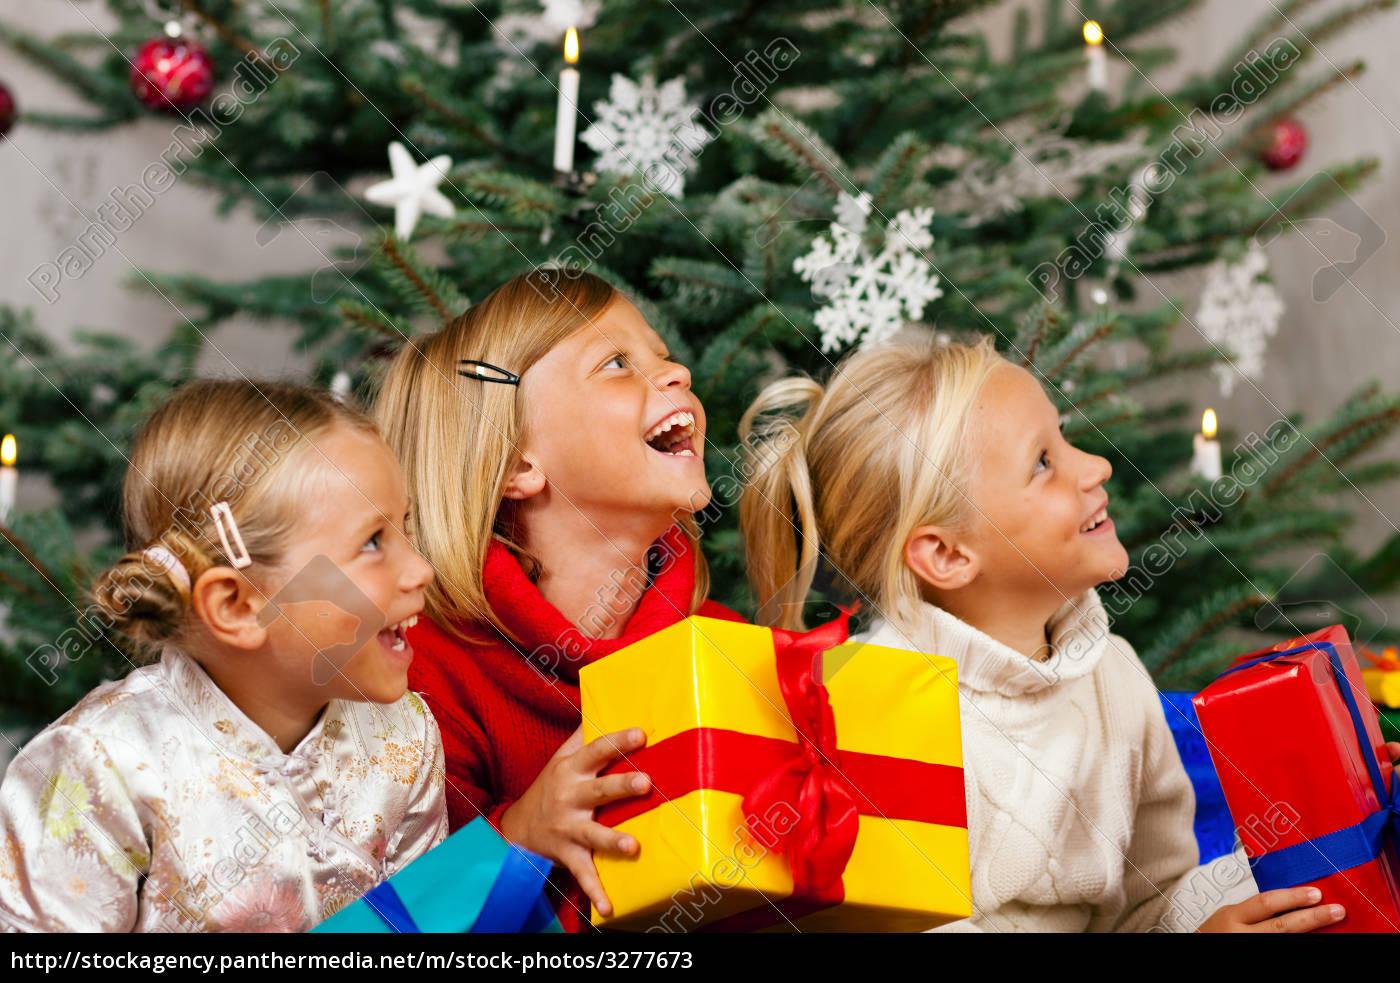 Weihnachten Kinder.Lizenzfreies Bild 3277673 Weihnachten Kinder Mit Geschenken